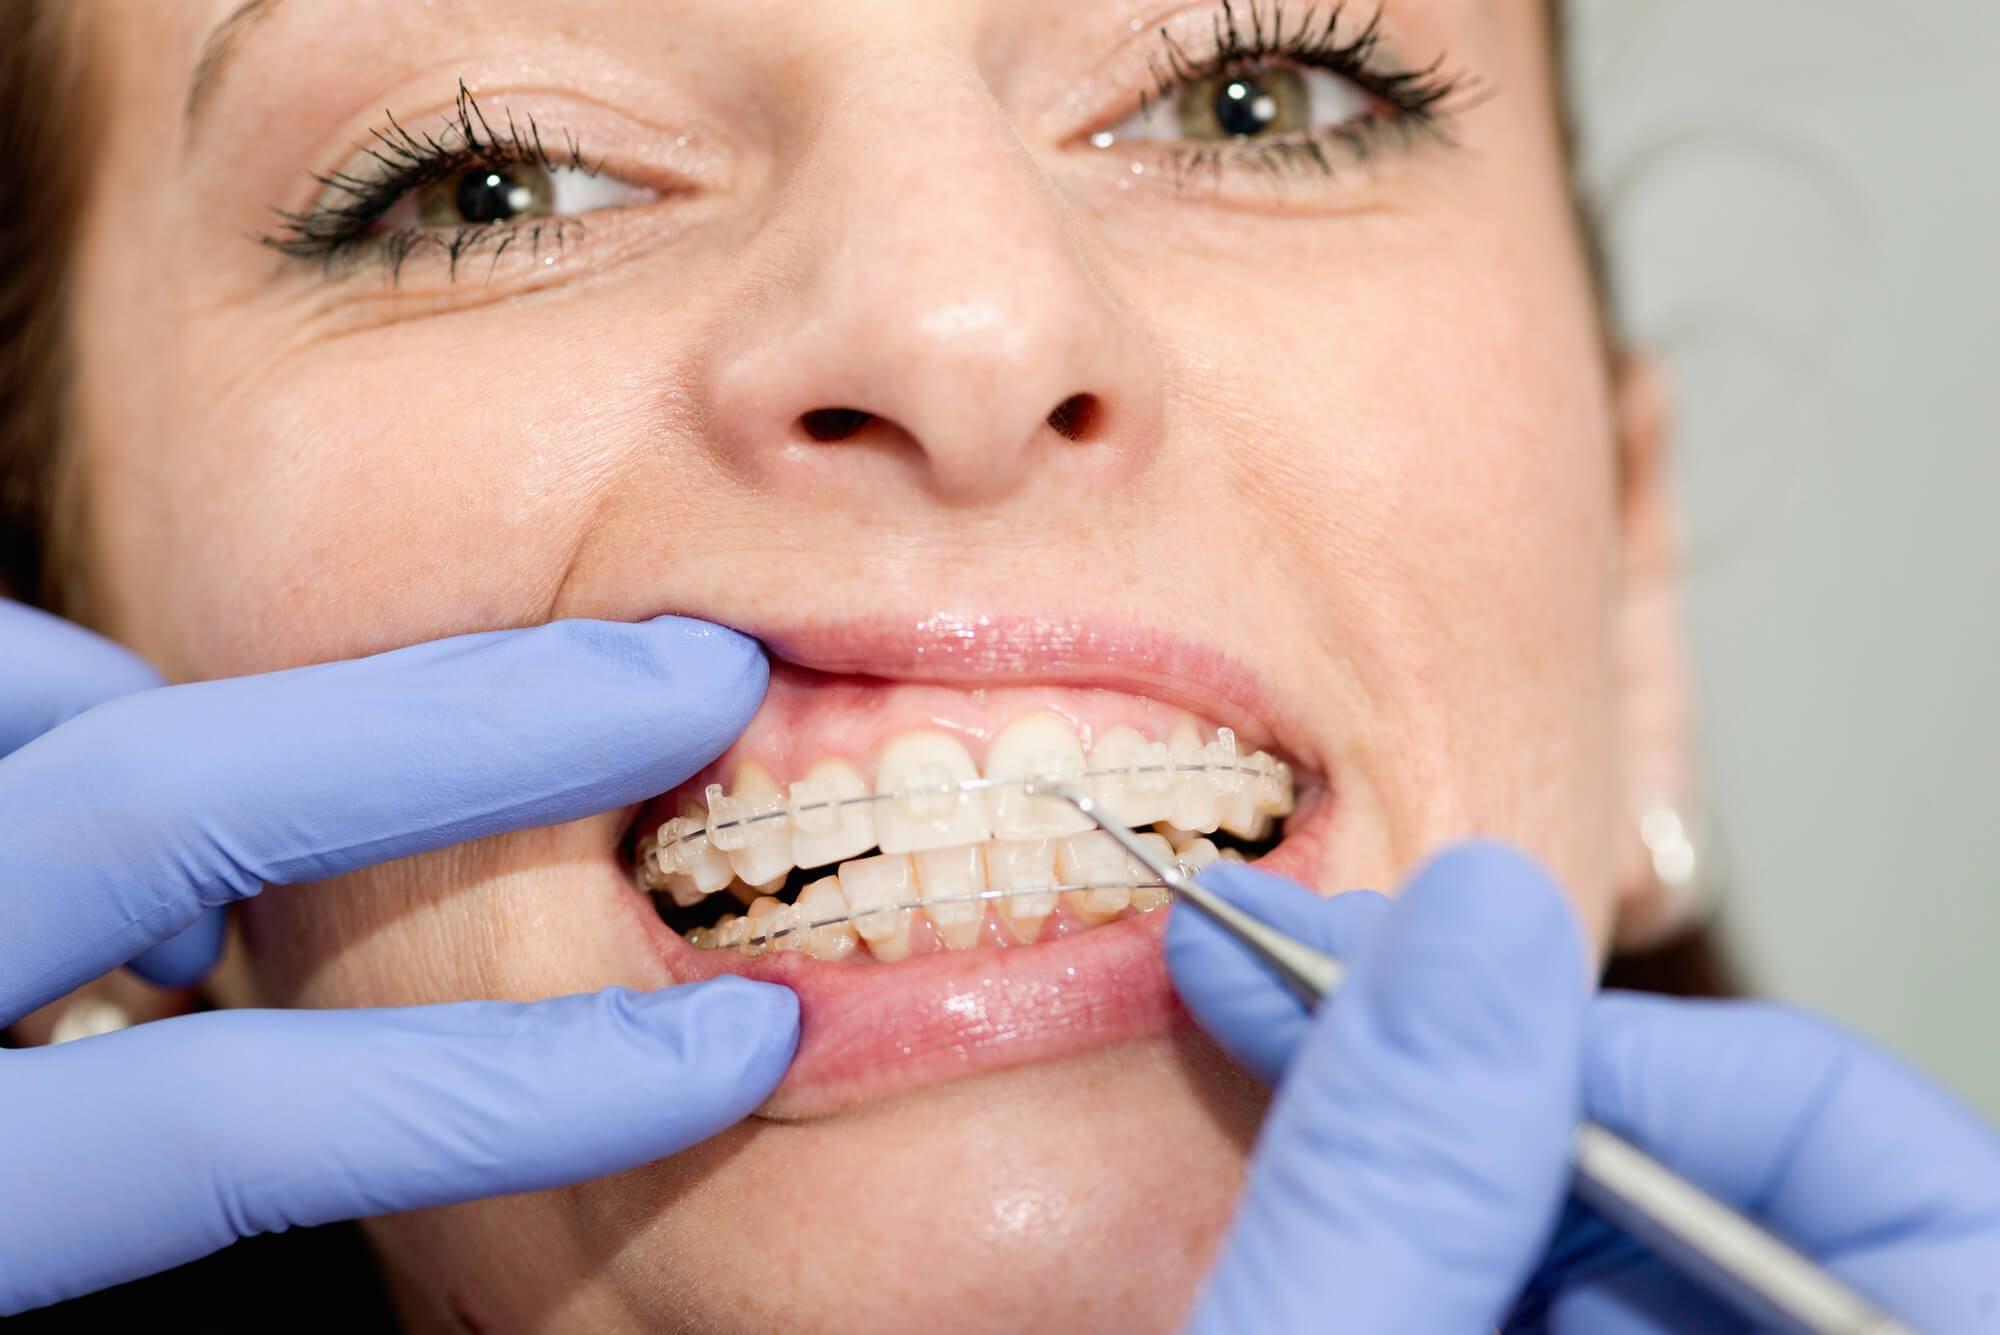 Vale a pena oferecer aparelhos dentários transparentes na clínica?